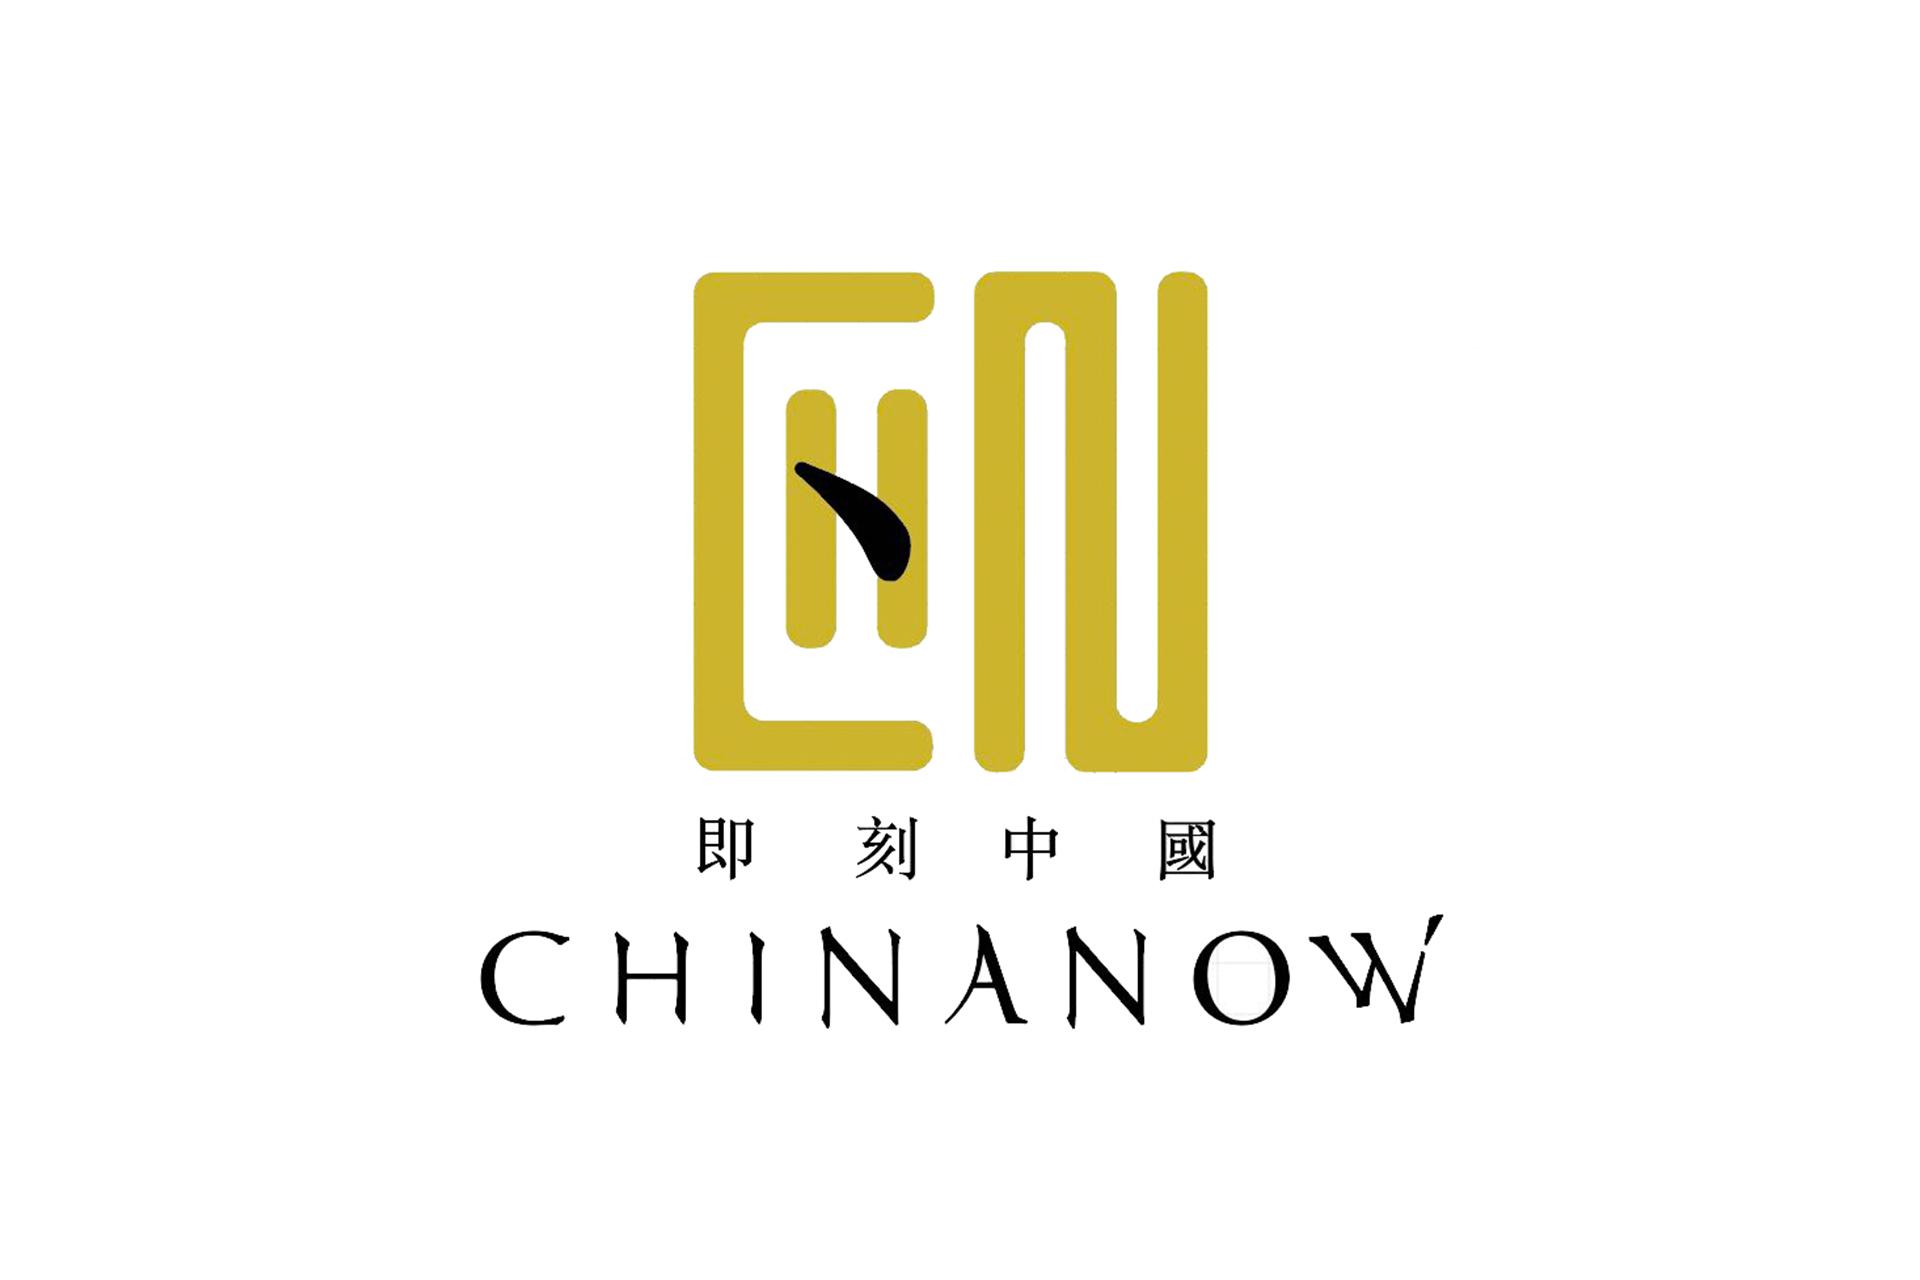 chinanow.jpg